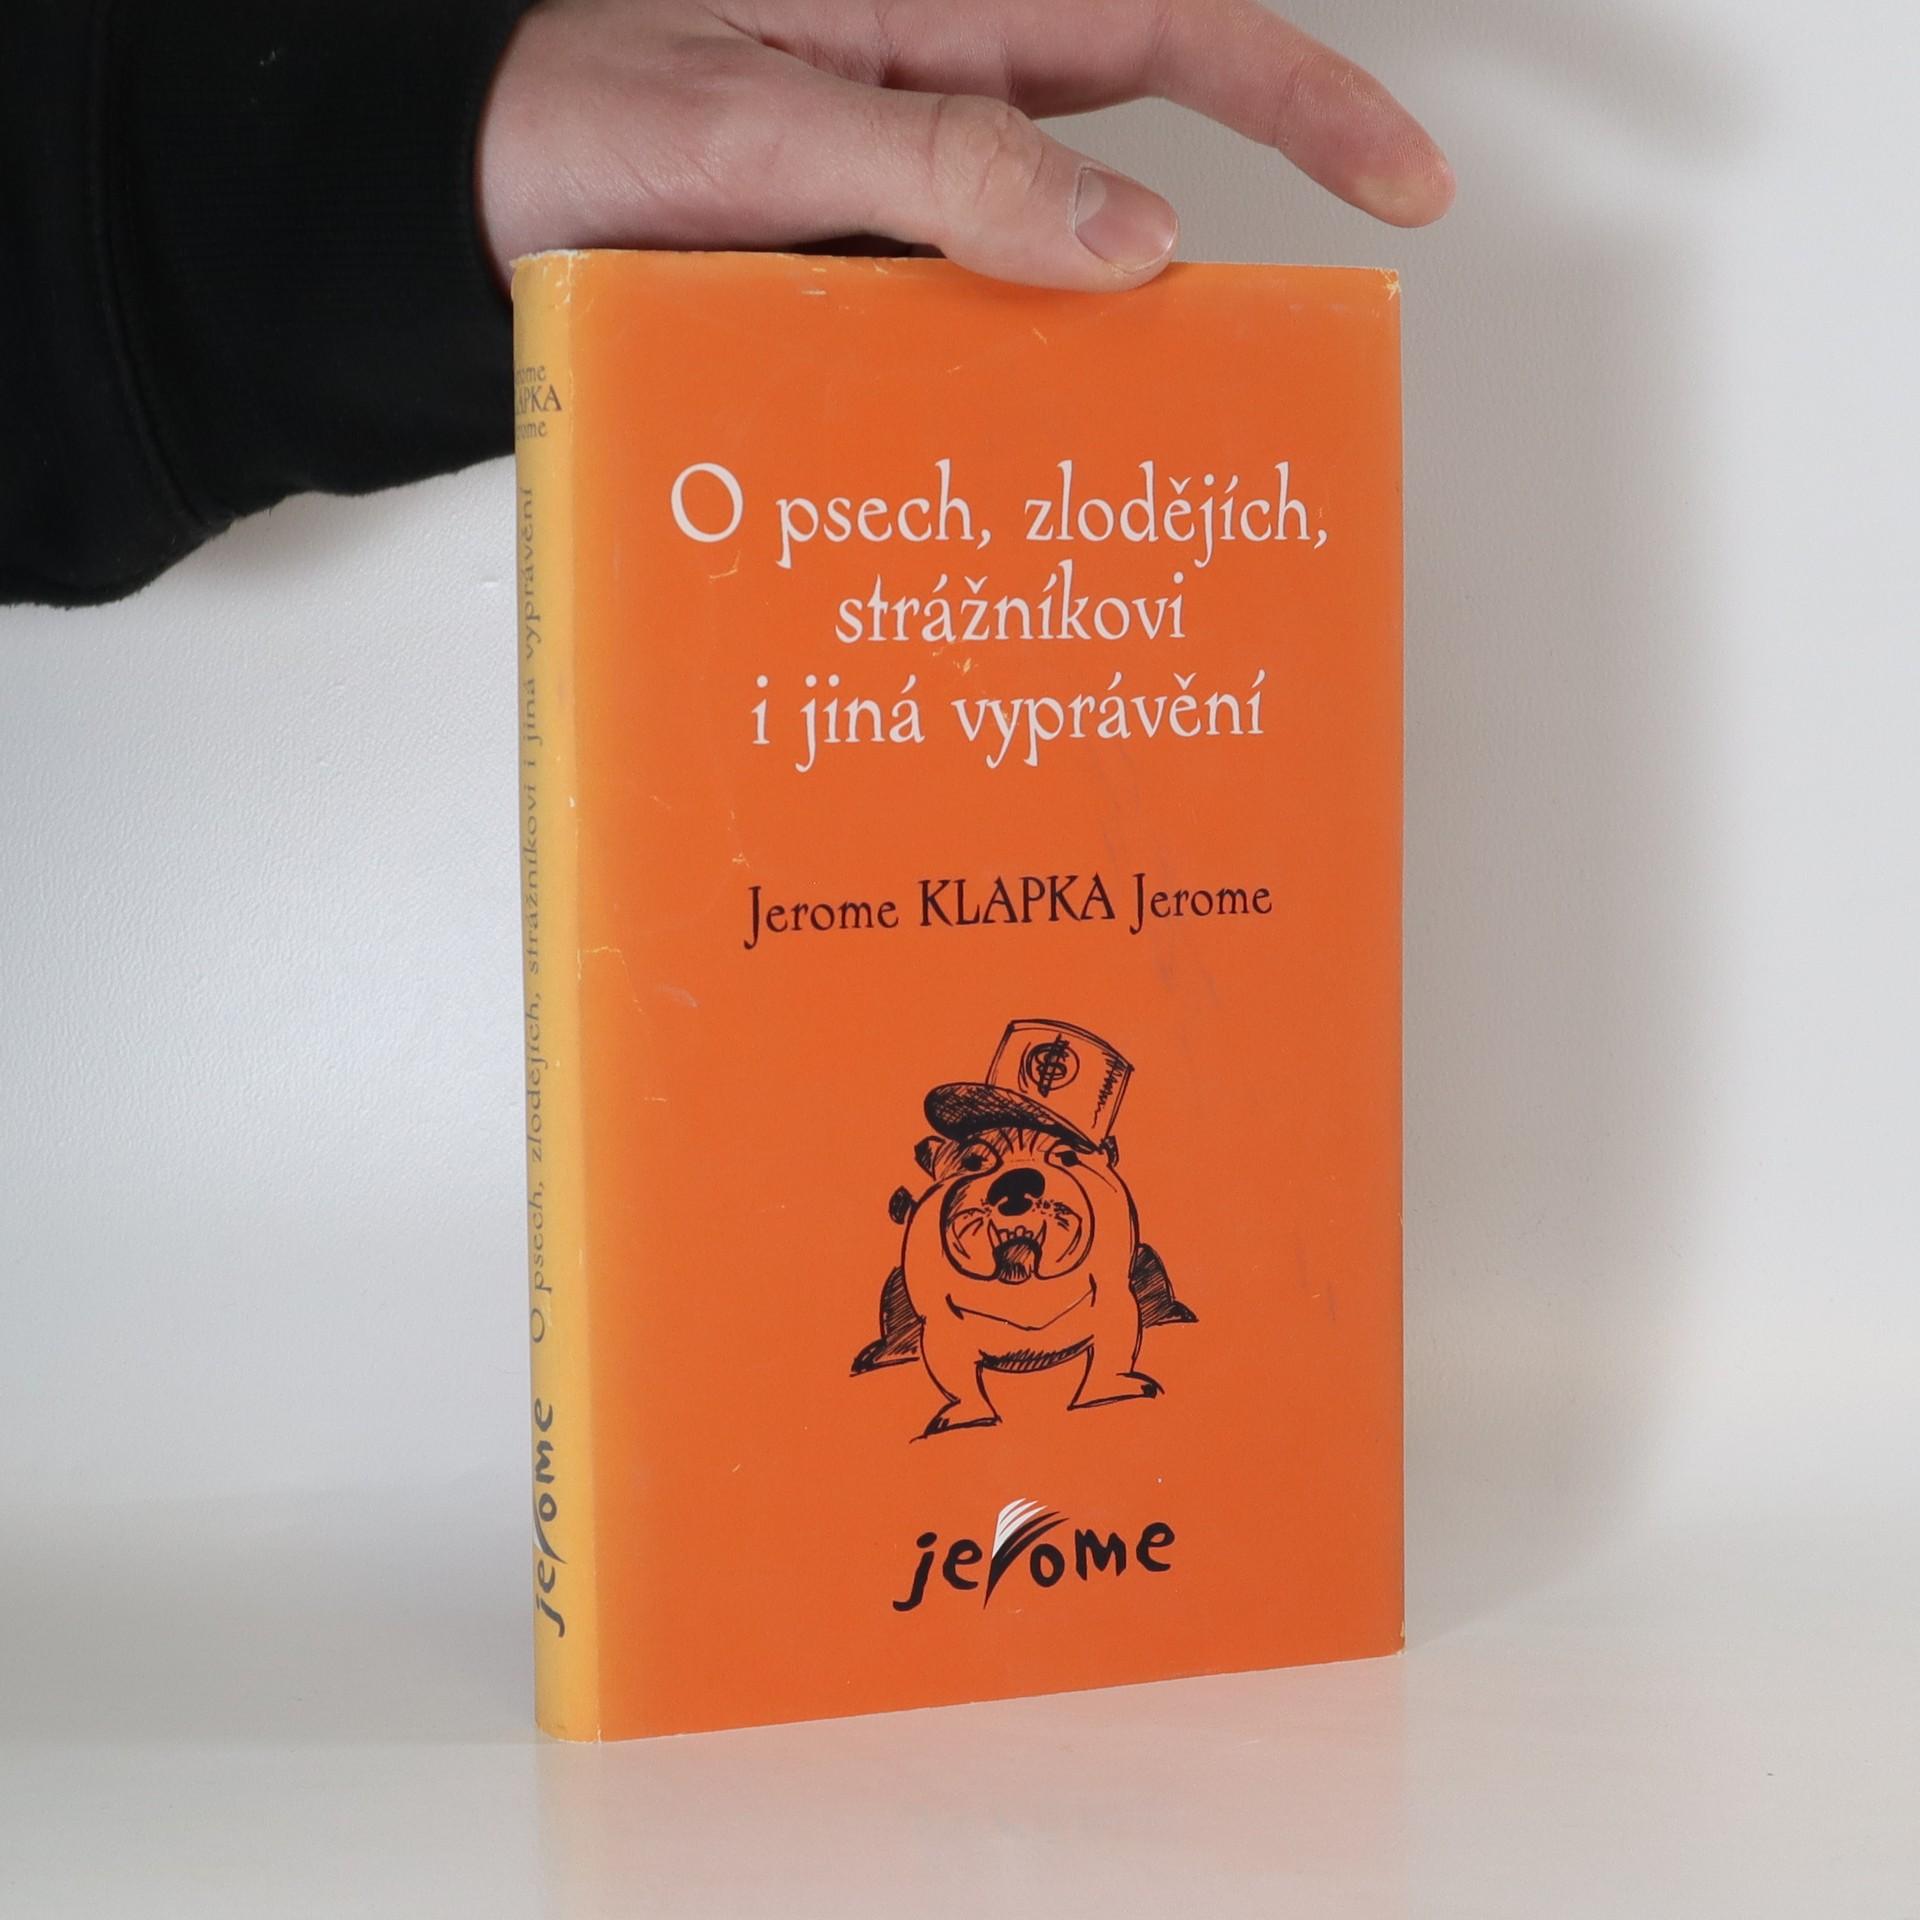 antikvární kniha O psech, zlodějích, strážníkovi i jiná vyprávění, 2001